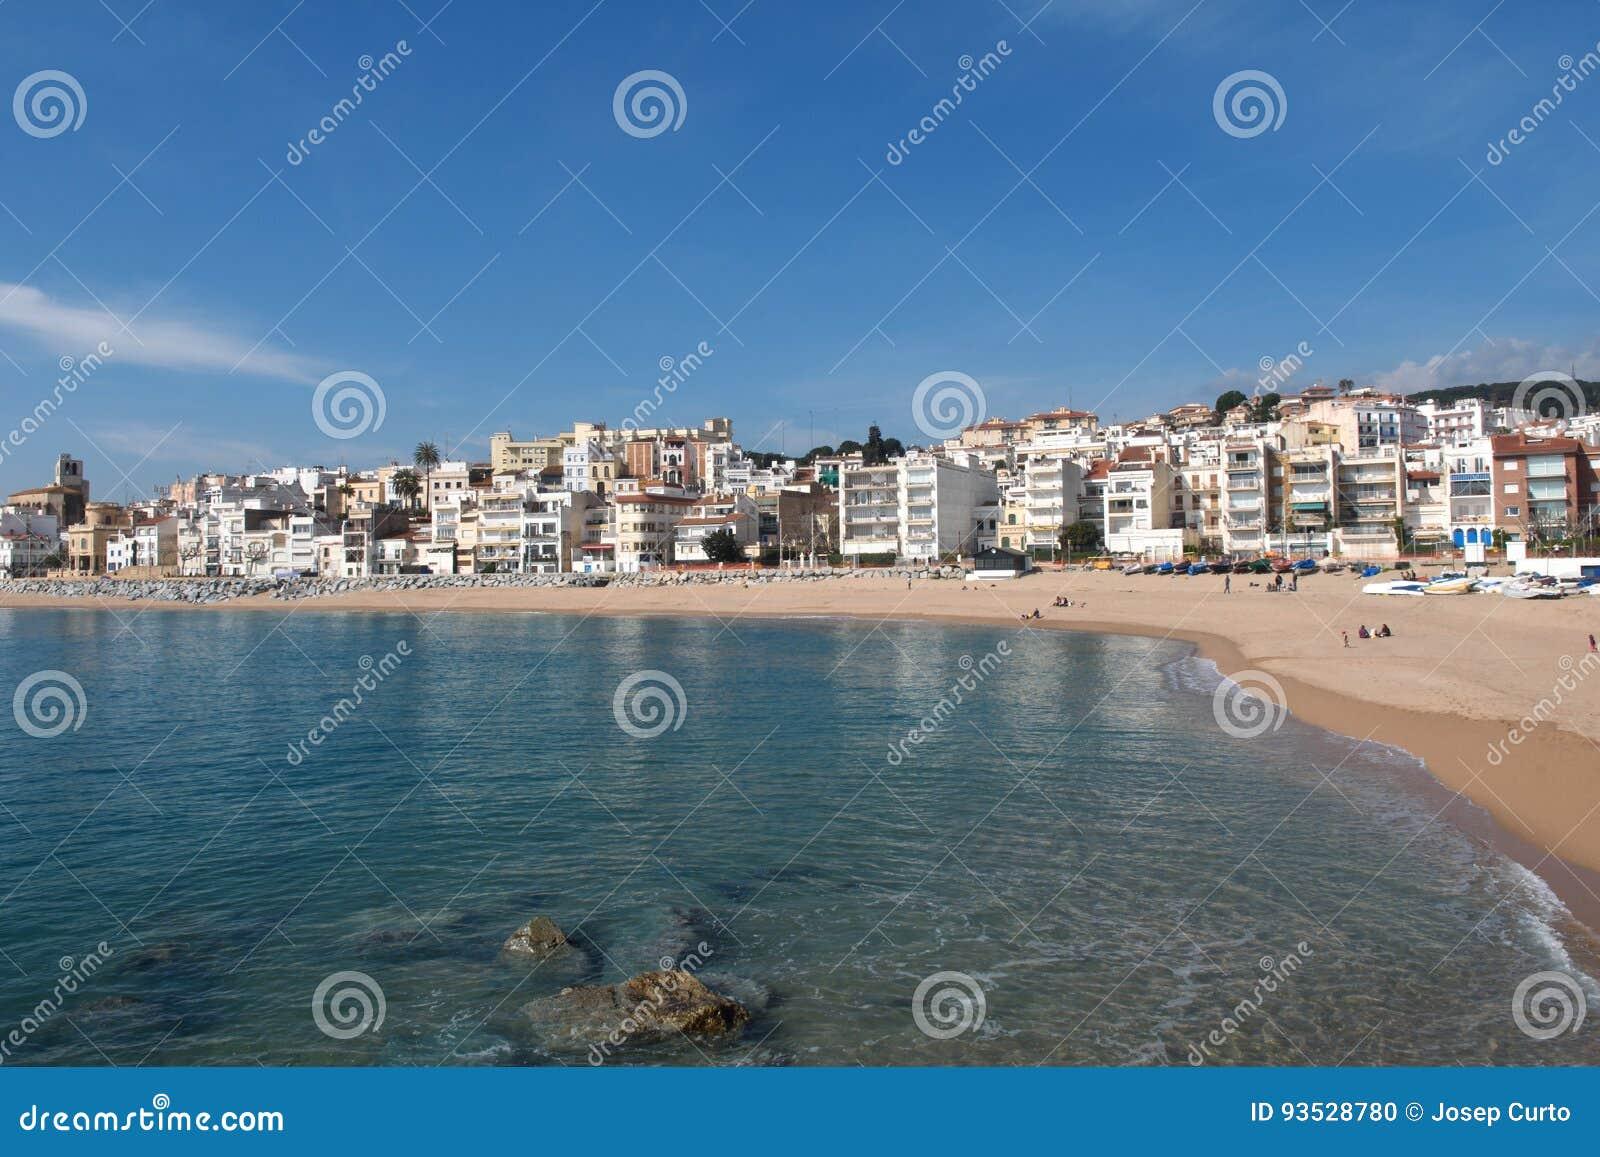 Pueblo de Sant Pol de Mar en la provincia de Barcelona, Cataluña, balneario